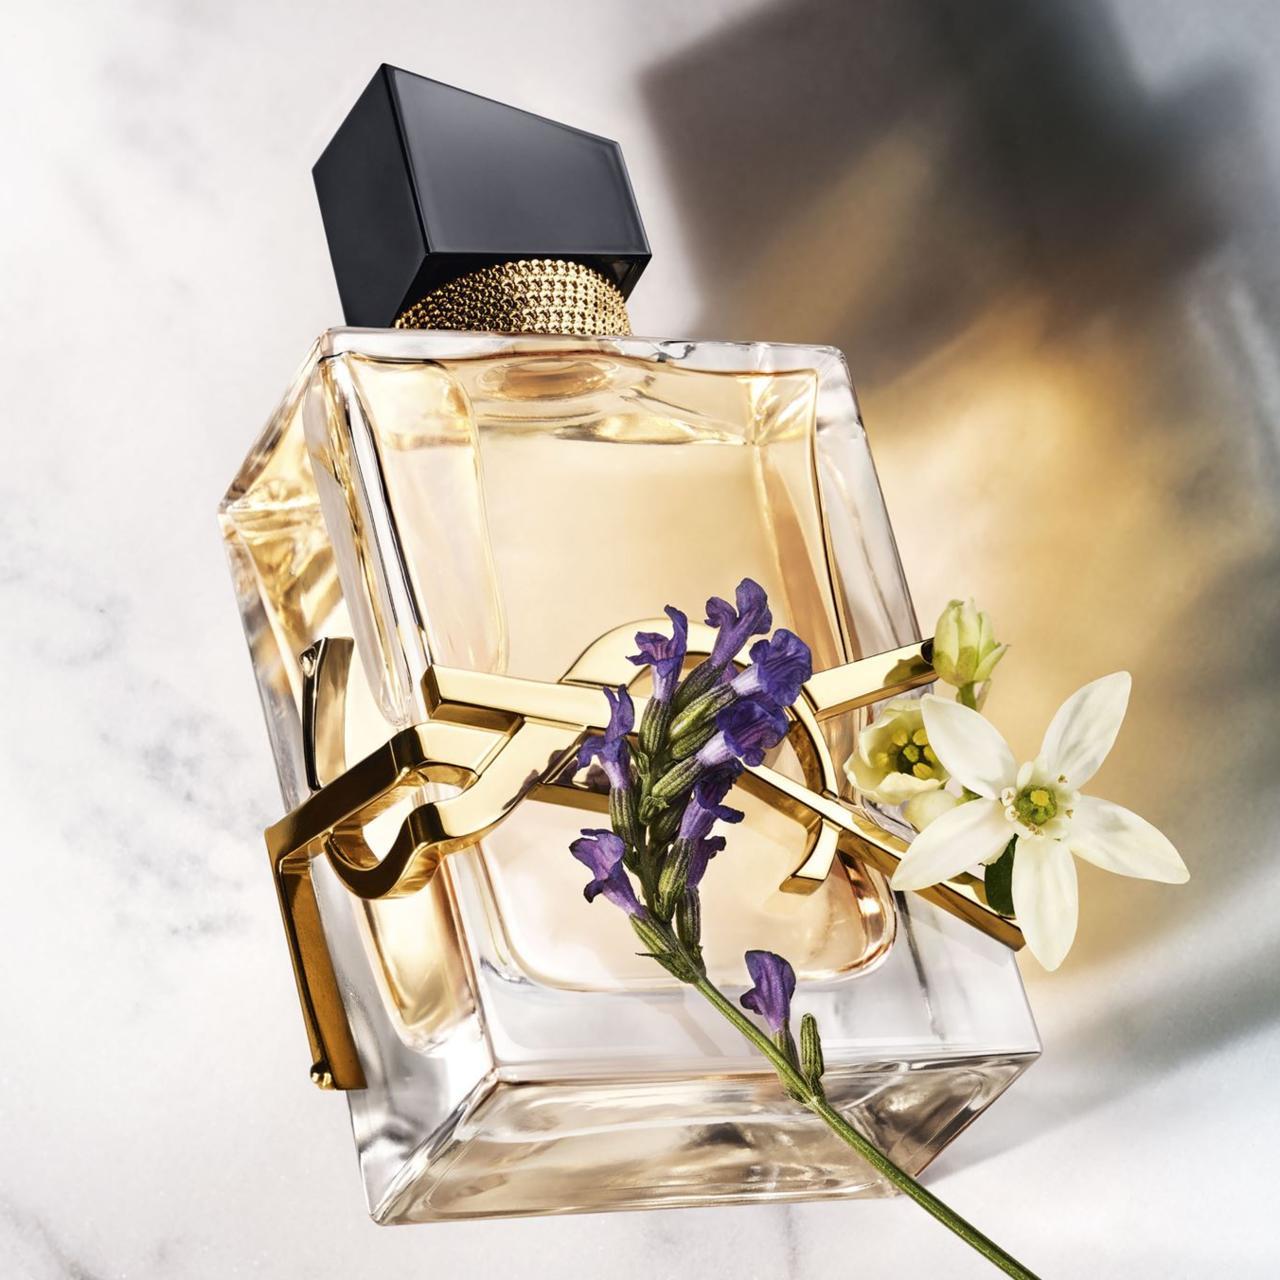 Yves Saint Laurent Libre Eau de Parfum, 9.999 kr. (30 …